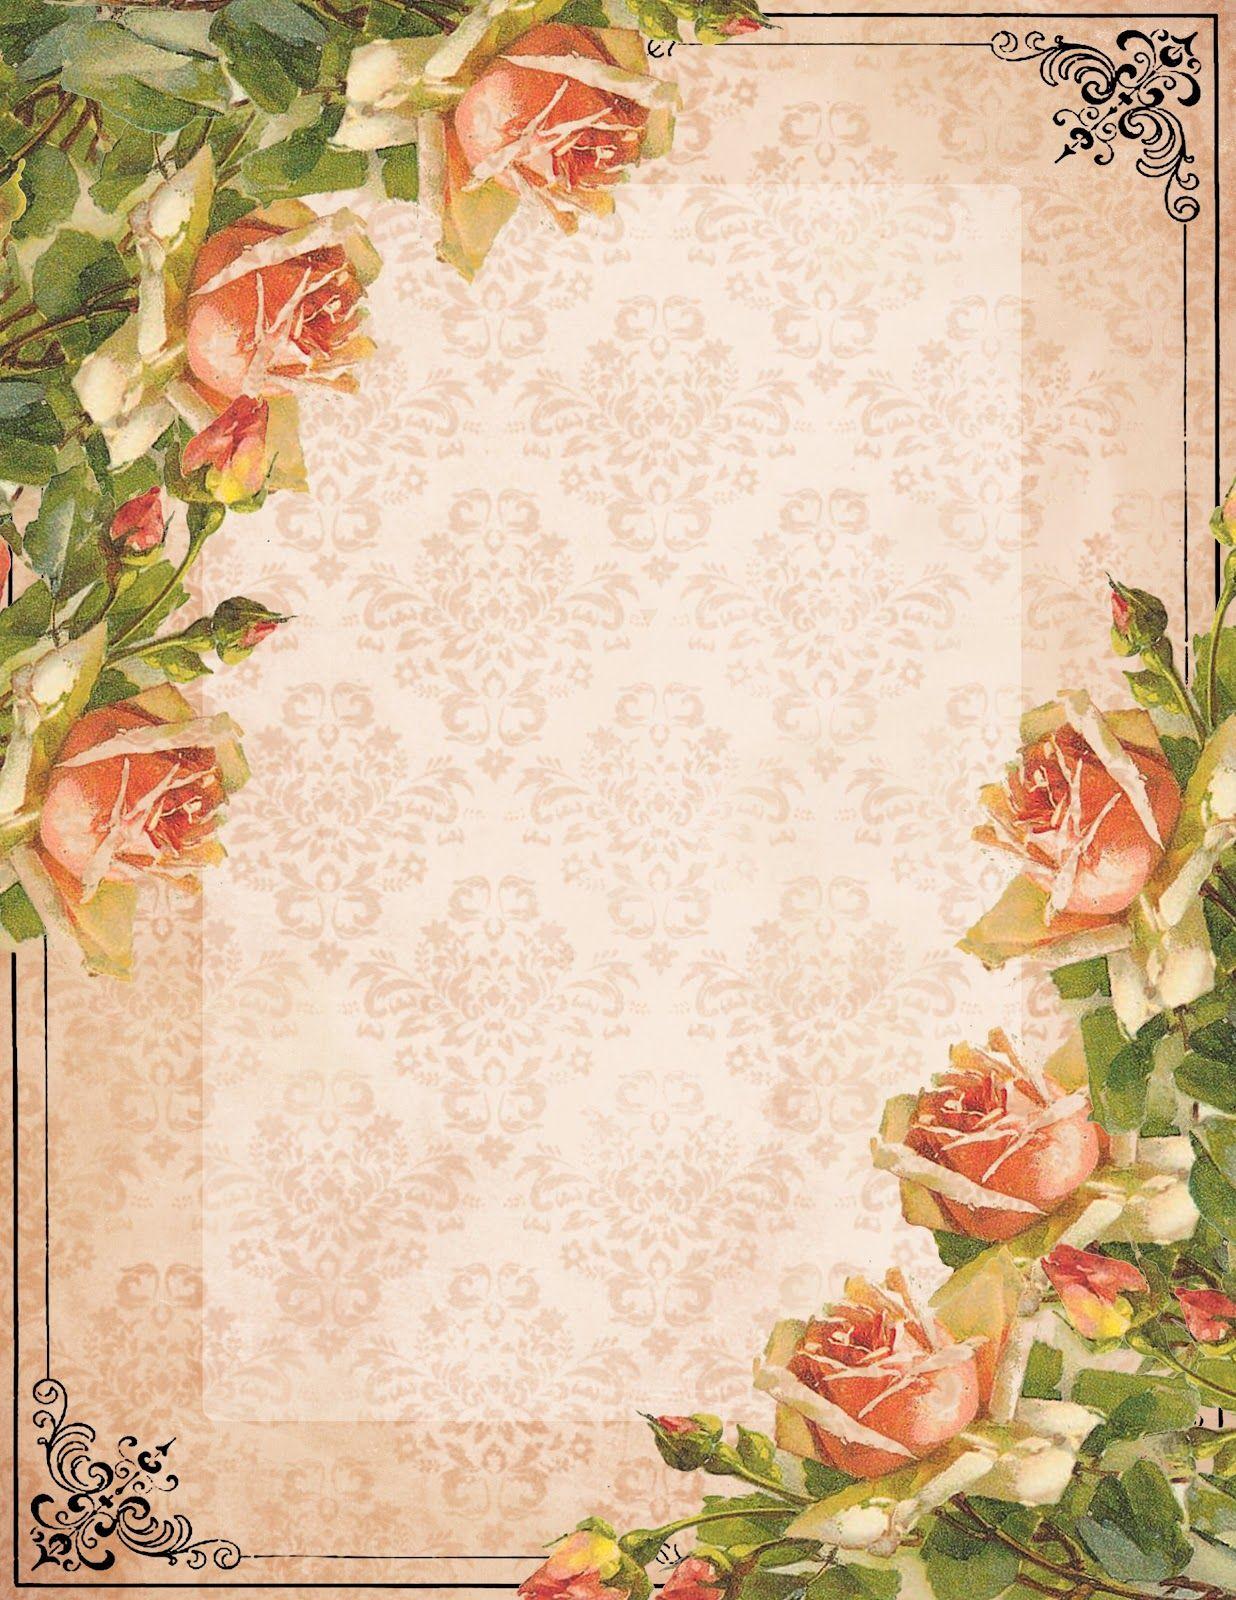 Фоны роз для скрапбукинга 21 фотография